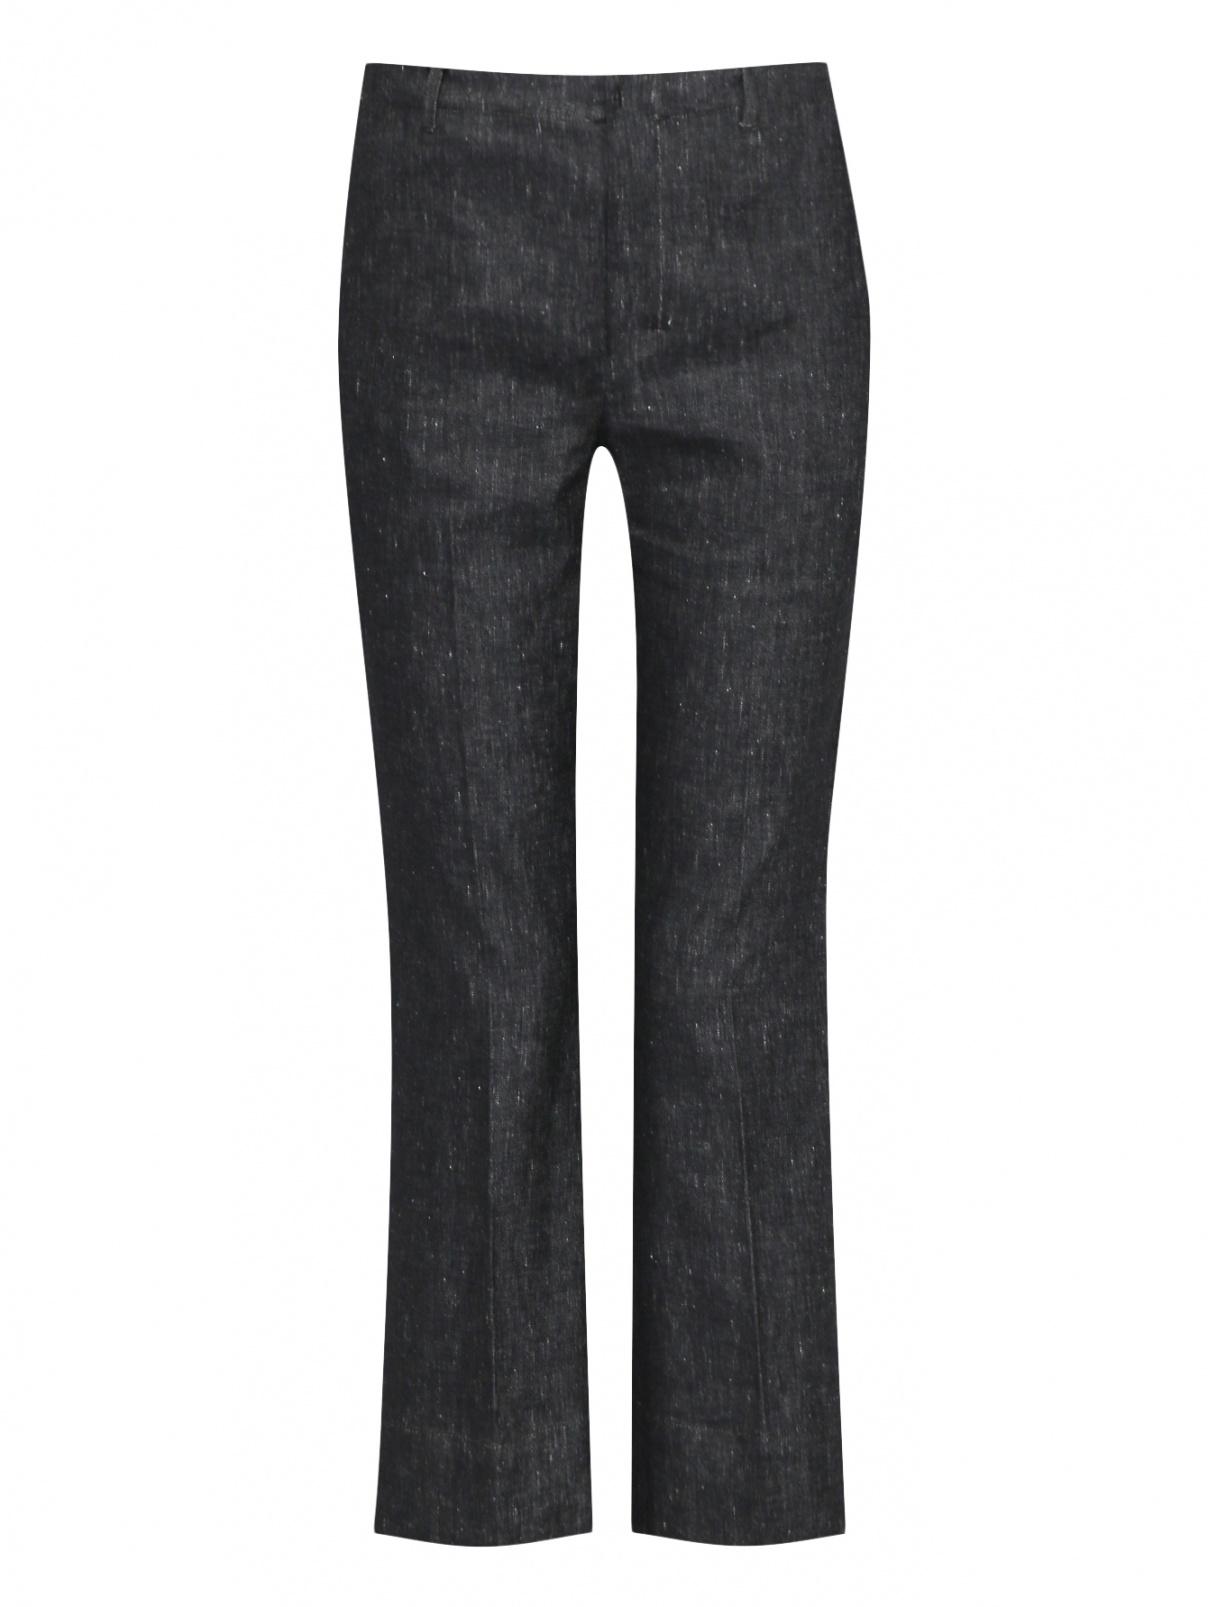 Укороченные брюки из хлопка и льна Max Mara  –  Общий вид